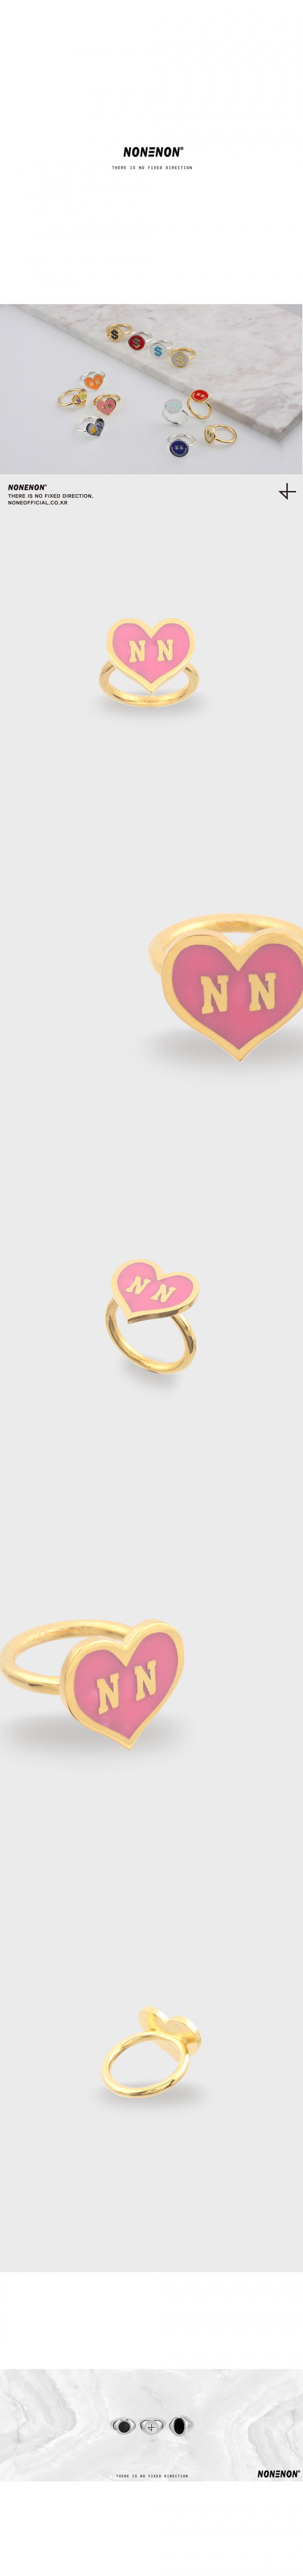 논논(NONENON) NN LOVE[GOLD]